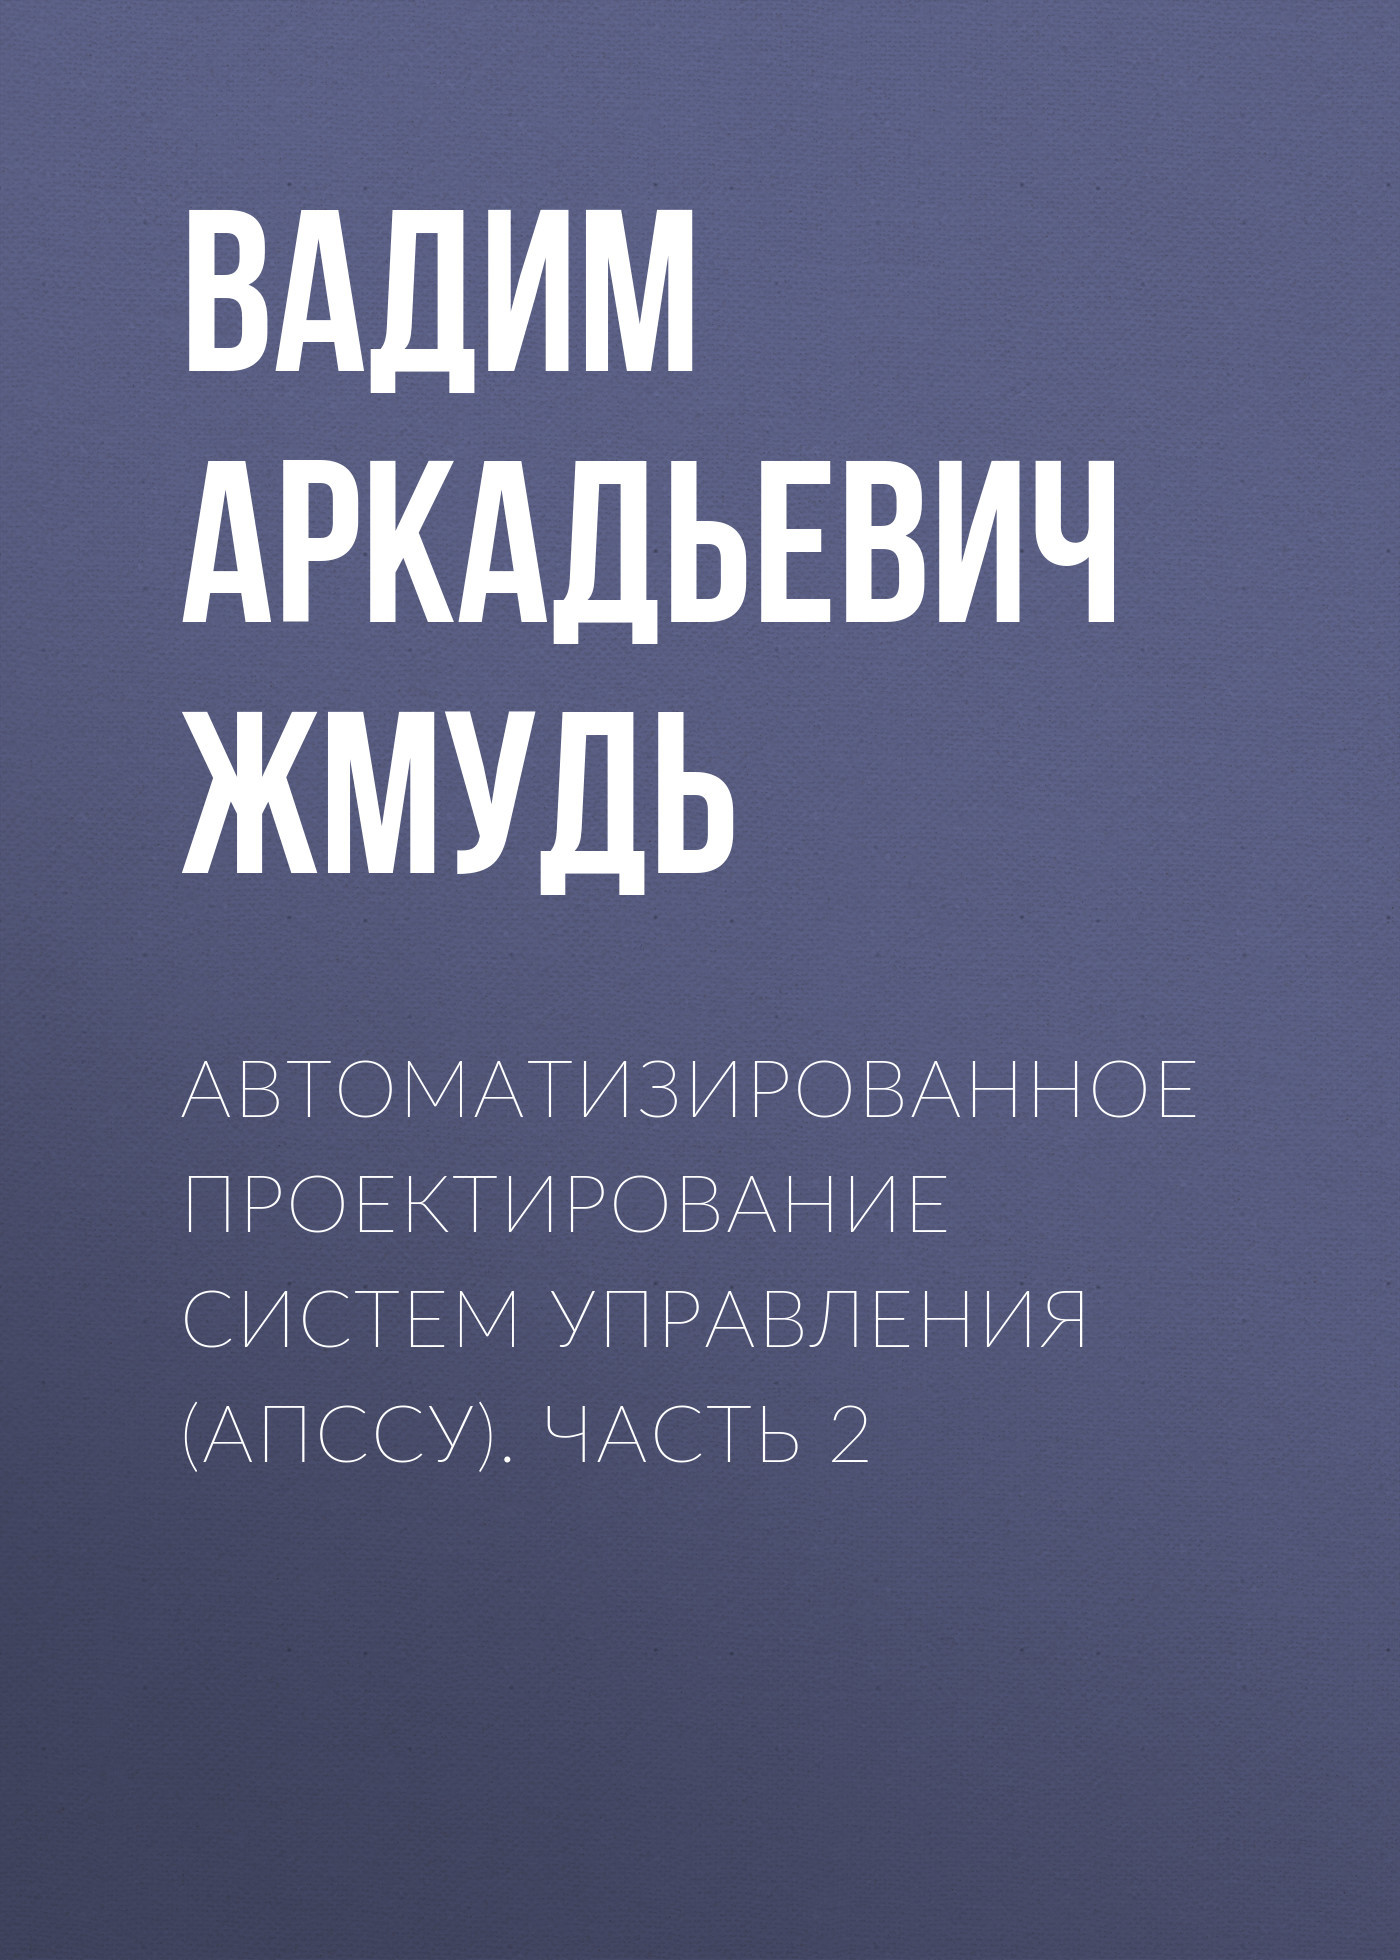 Вадим Аркадьевич Жмудь Автоматизированное проектирование систем управления (АПССУ). Часть 2